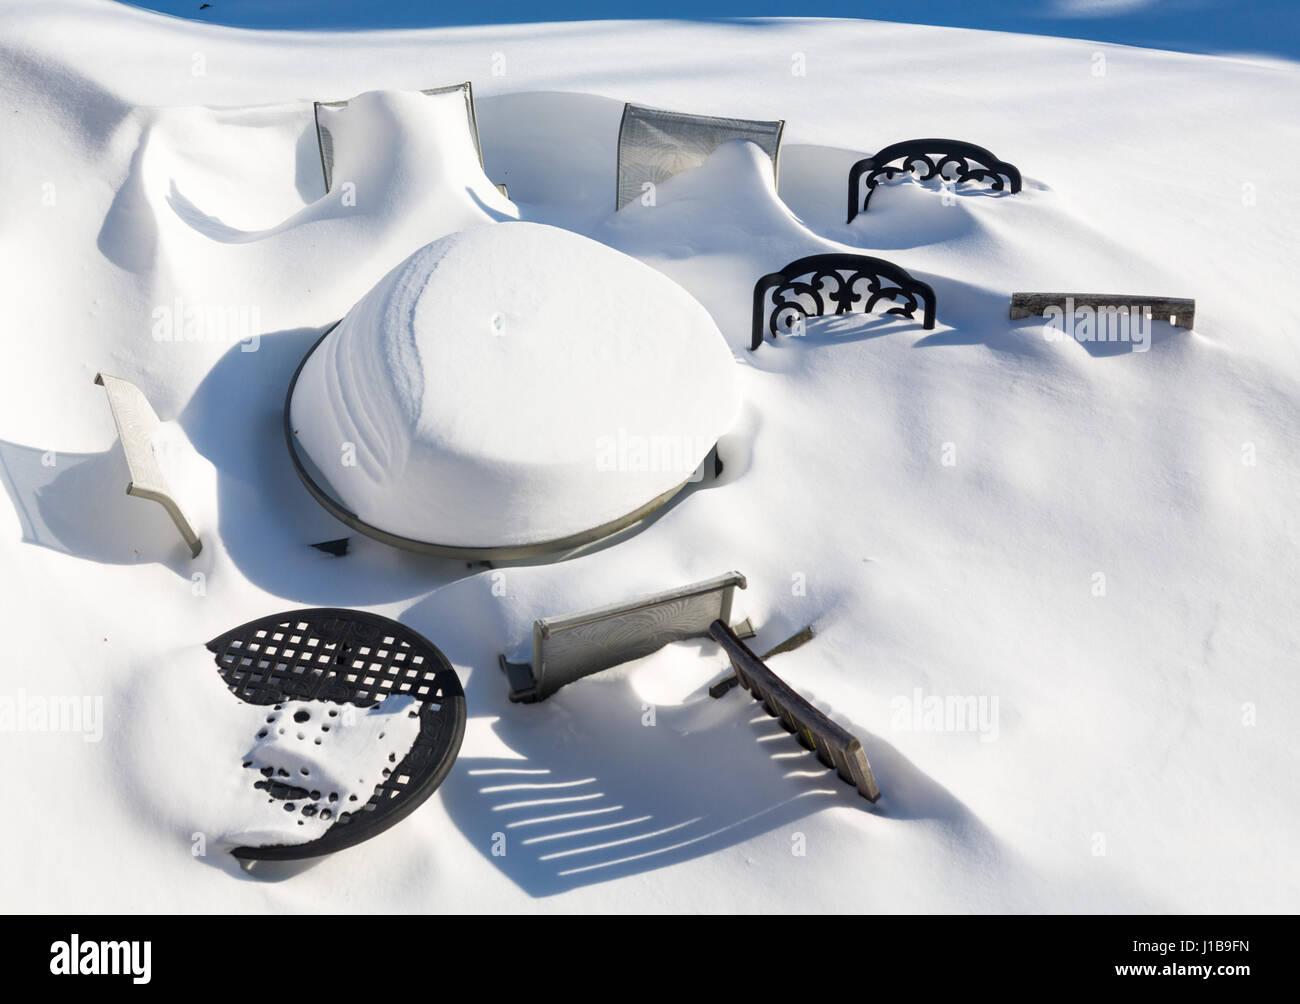 Outdoor mobili da giardino sepolto dalla neve in profonda deriva durante una bufera di neve Immagini Stock